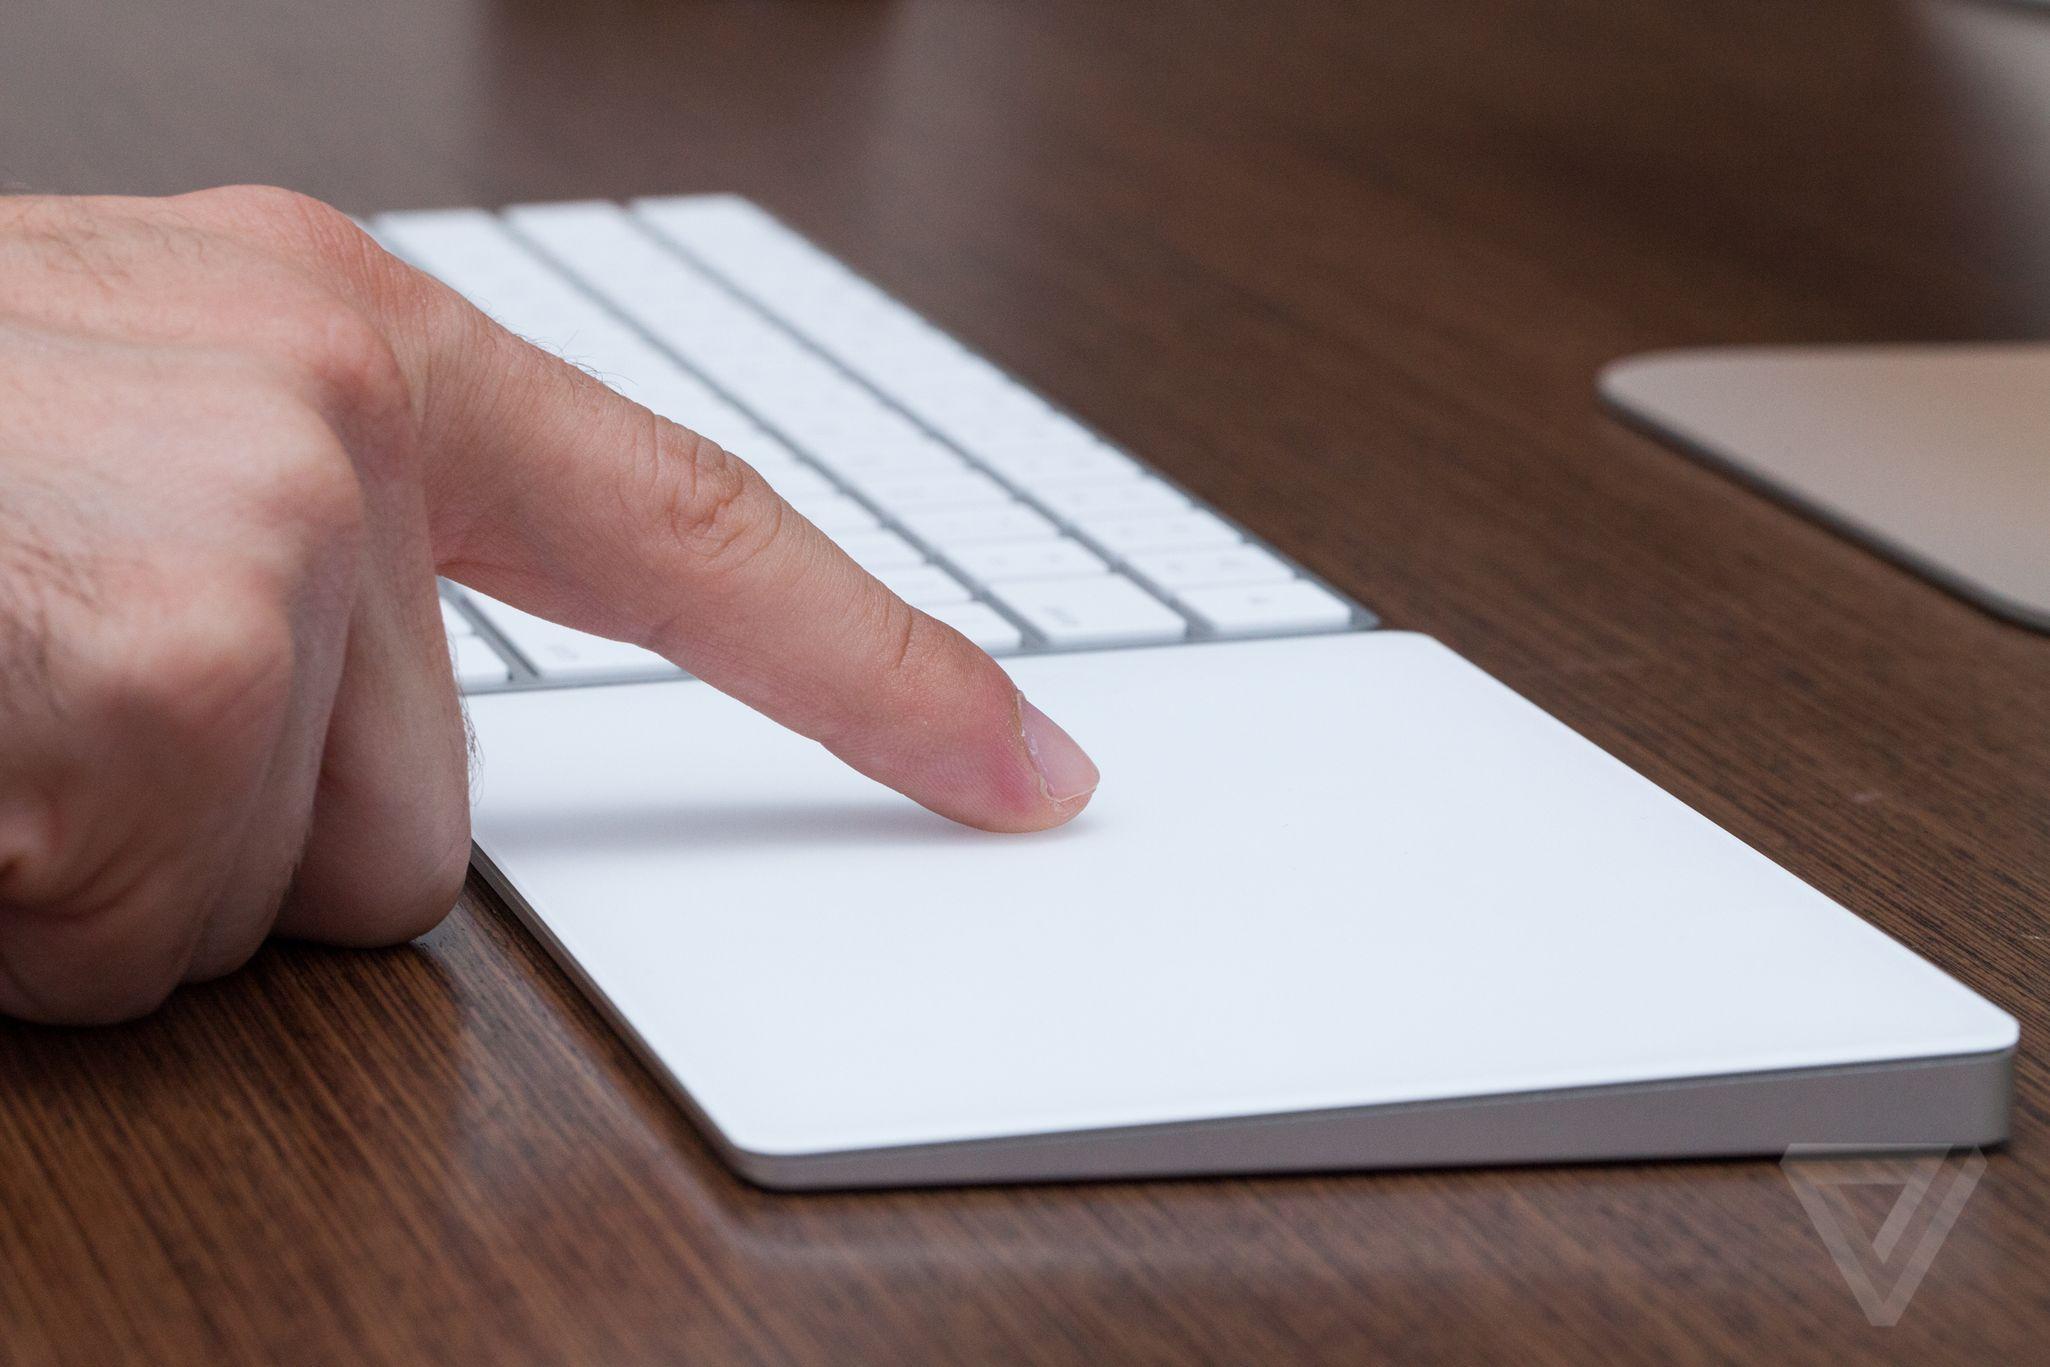 Жесты тачпада MacBook: краткая инструкция